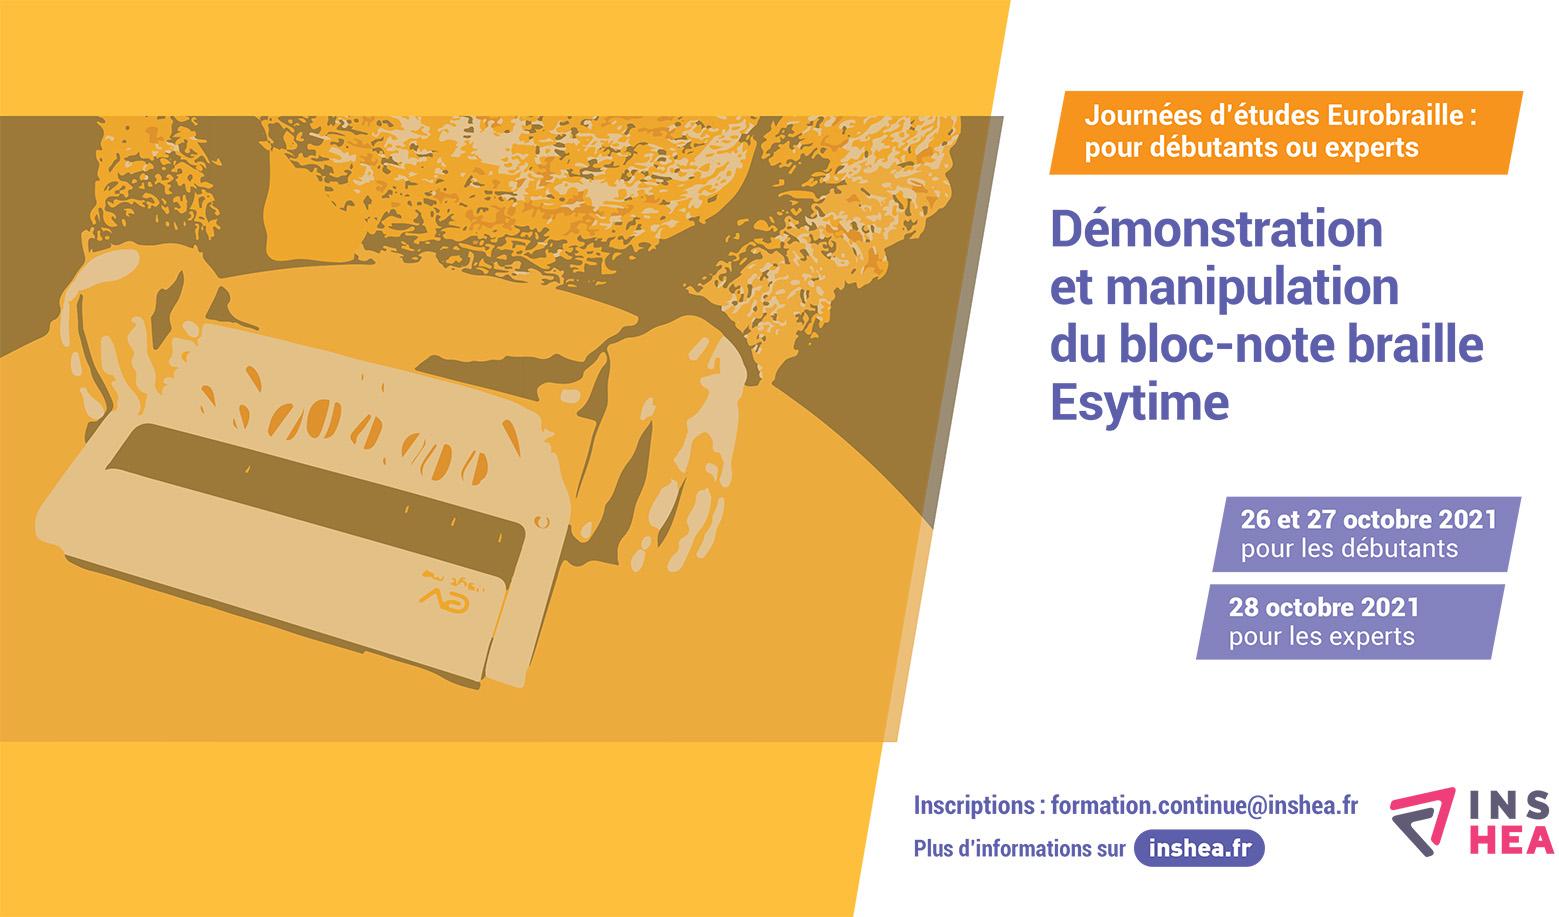 Du 26 au 28 octobre 2021, l'INSHEA vous propose les journées d'études EUROBRAILLE, pour vous initier ou vous perfectionner au bloc-note Esytime dans ses applications essentiellement scolaires (Esysuite).